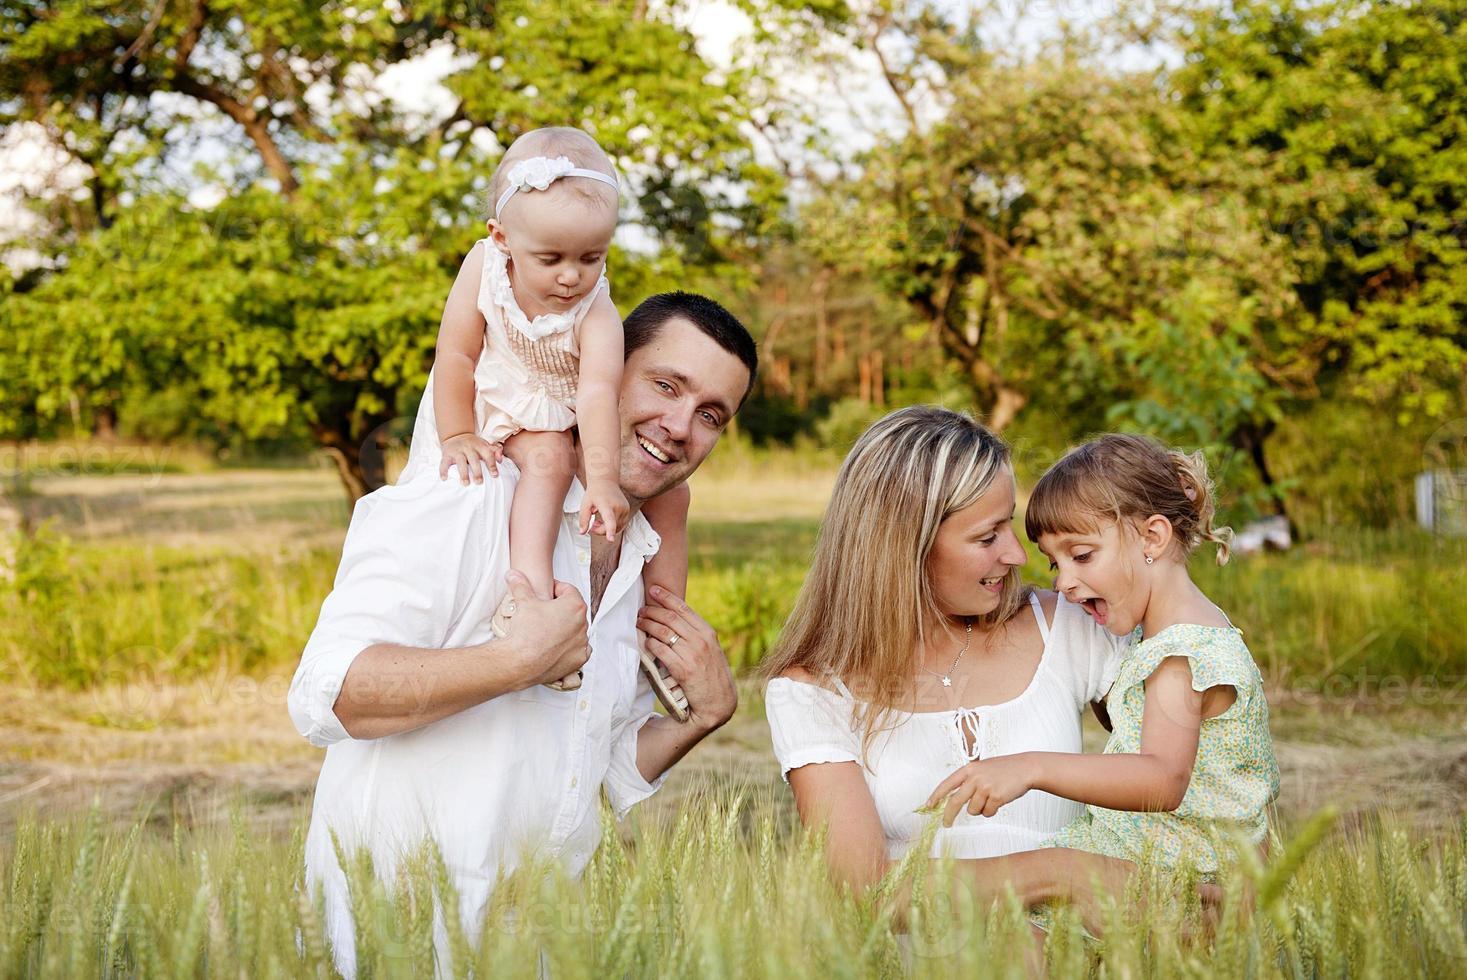 famille heureuse photo